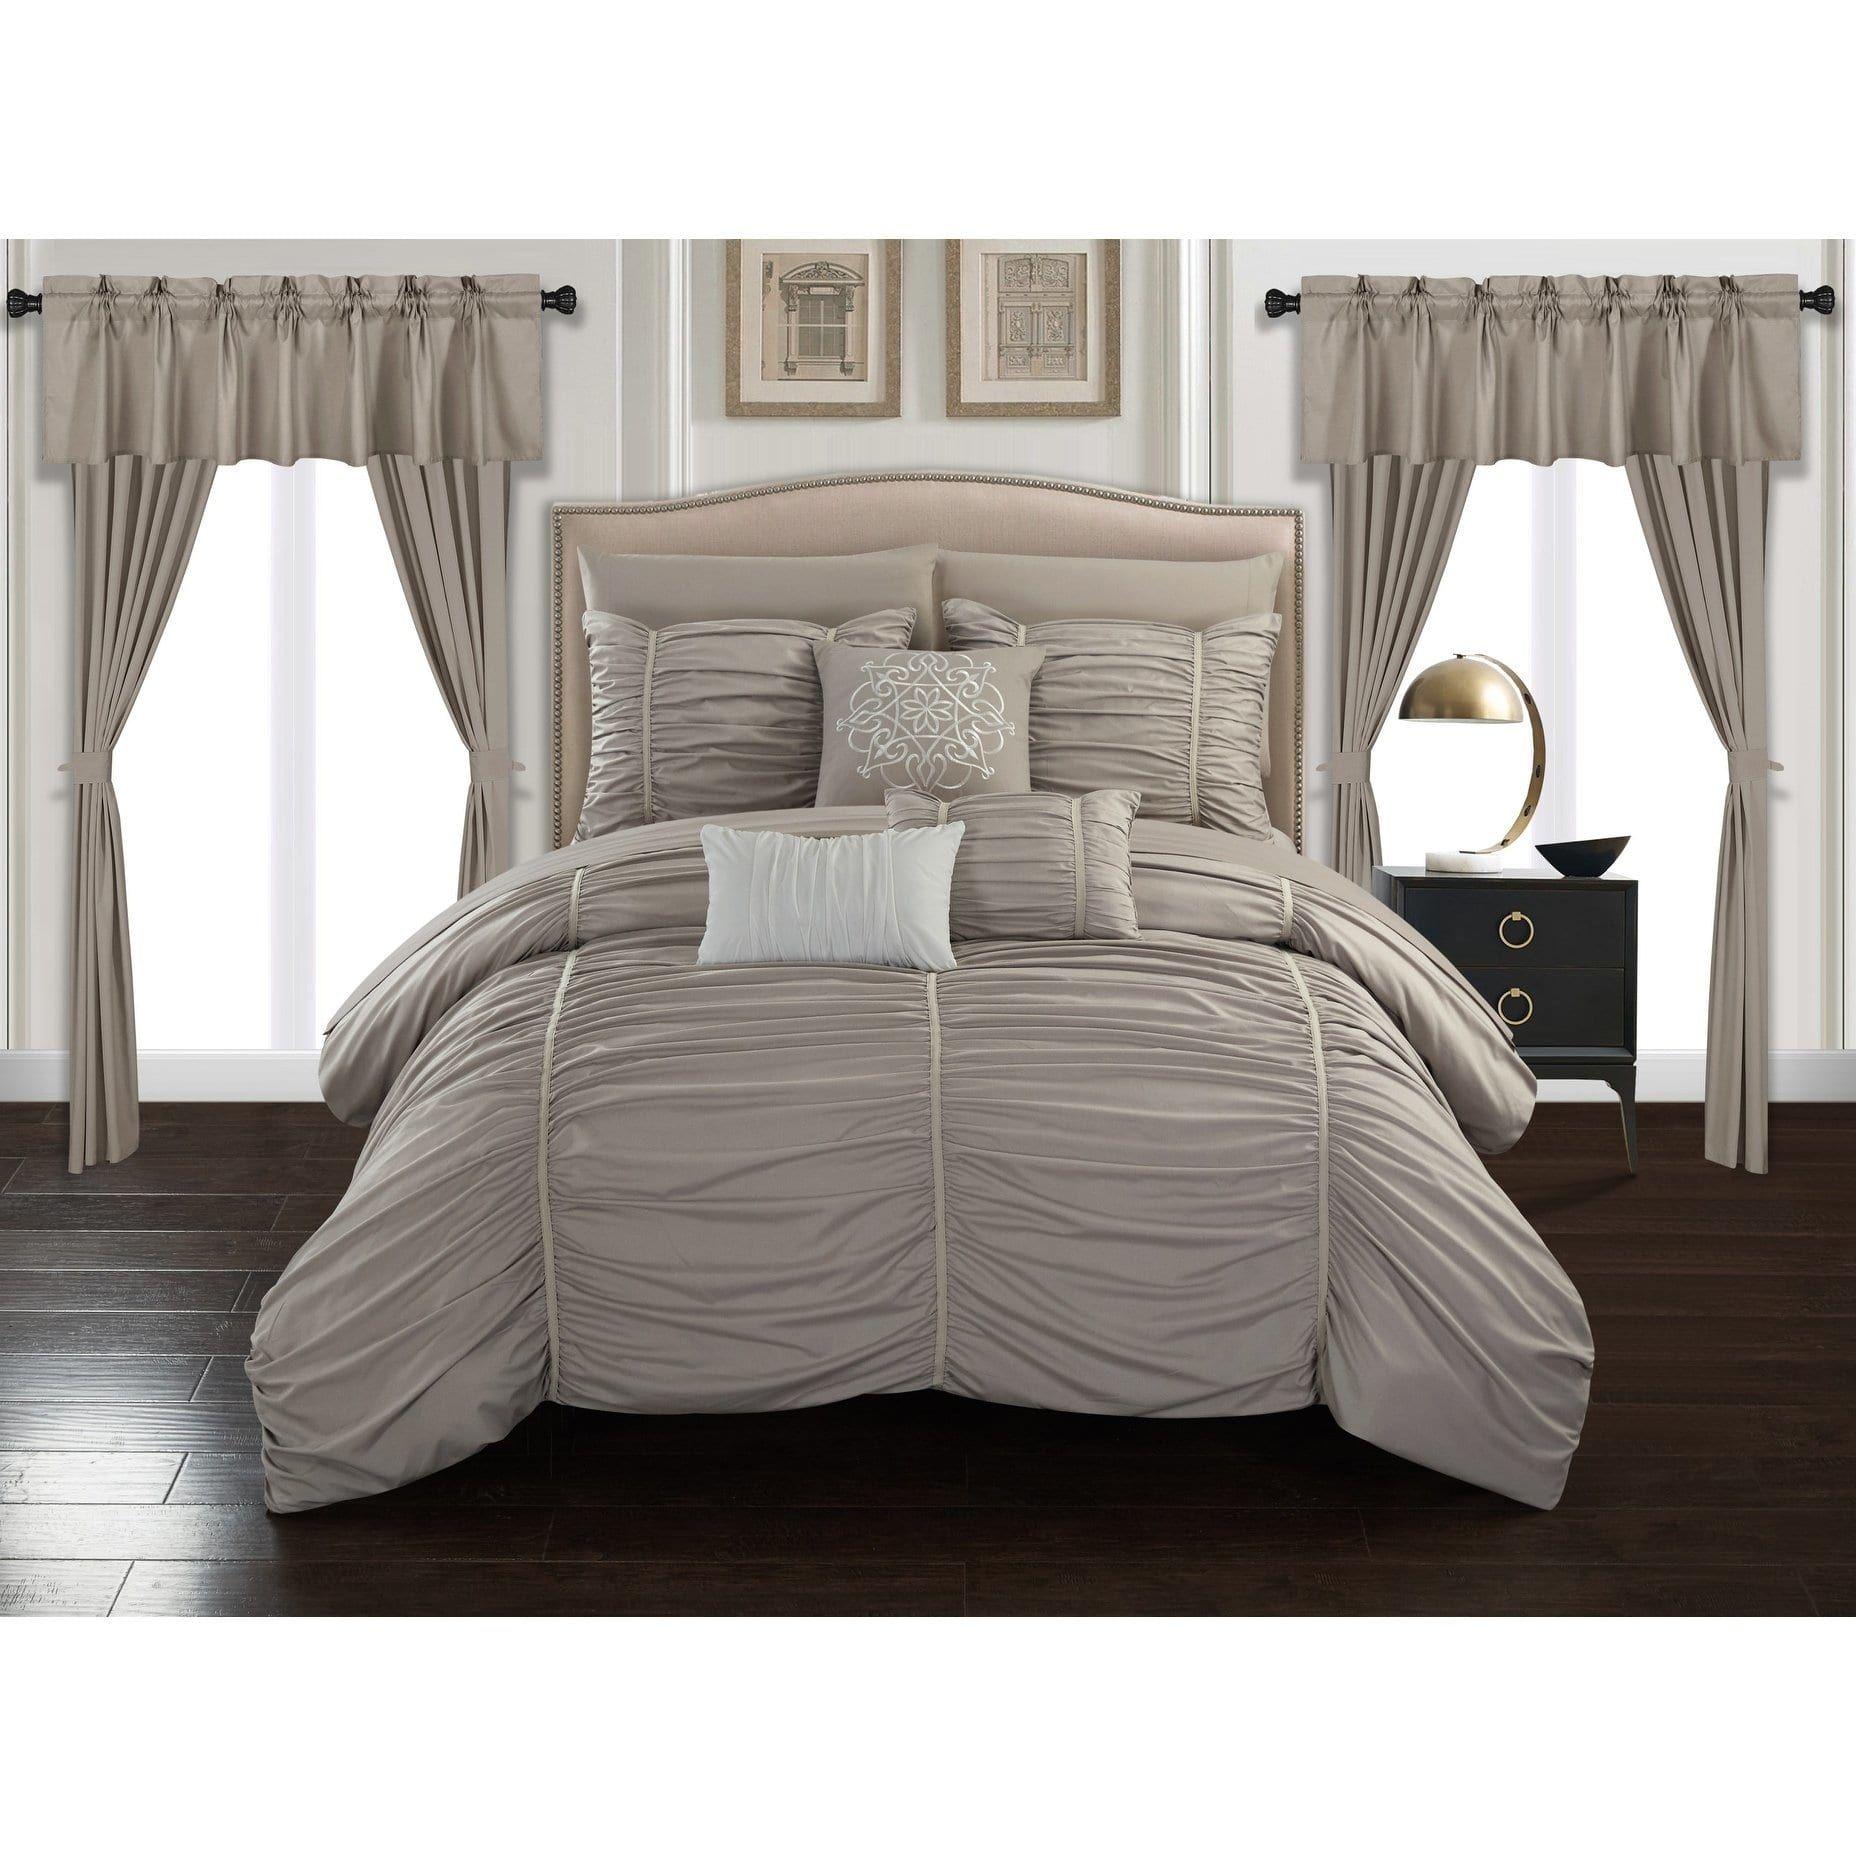 Chic Home 20 Piece Comforter Set Designer Bed In A Bag Bedding